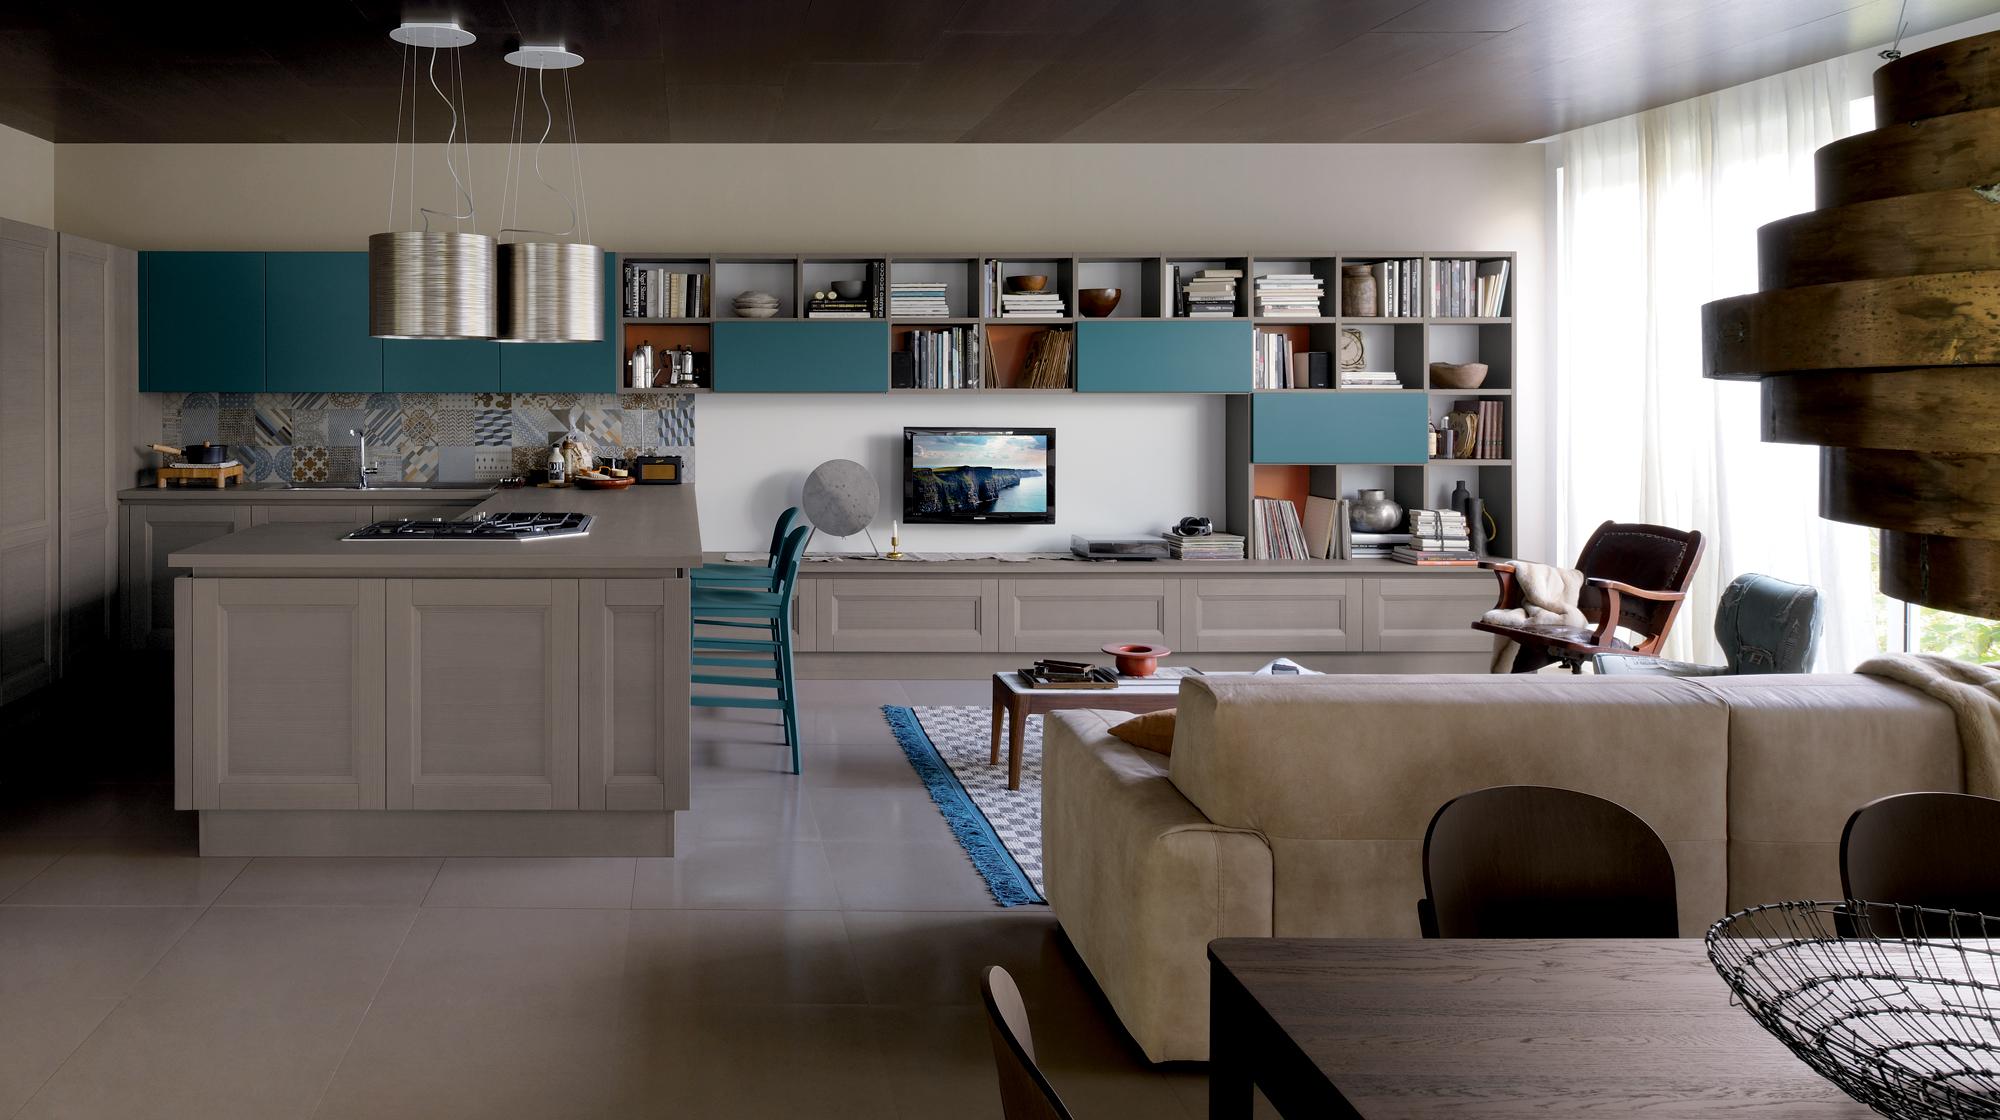 Cucine Vintage Moderne.Kitchen Vintage Shellsystem Tradizione Veneta Cucine